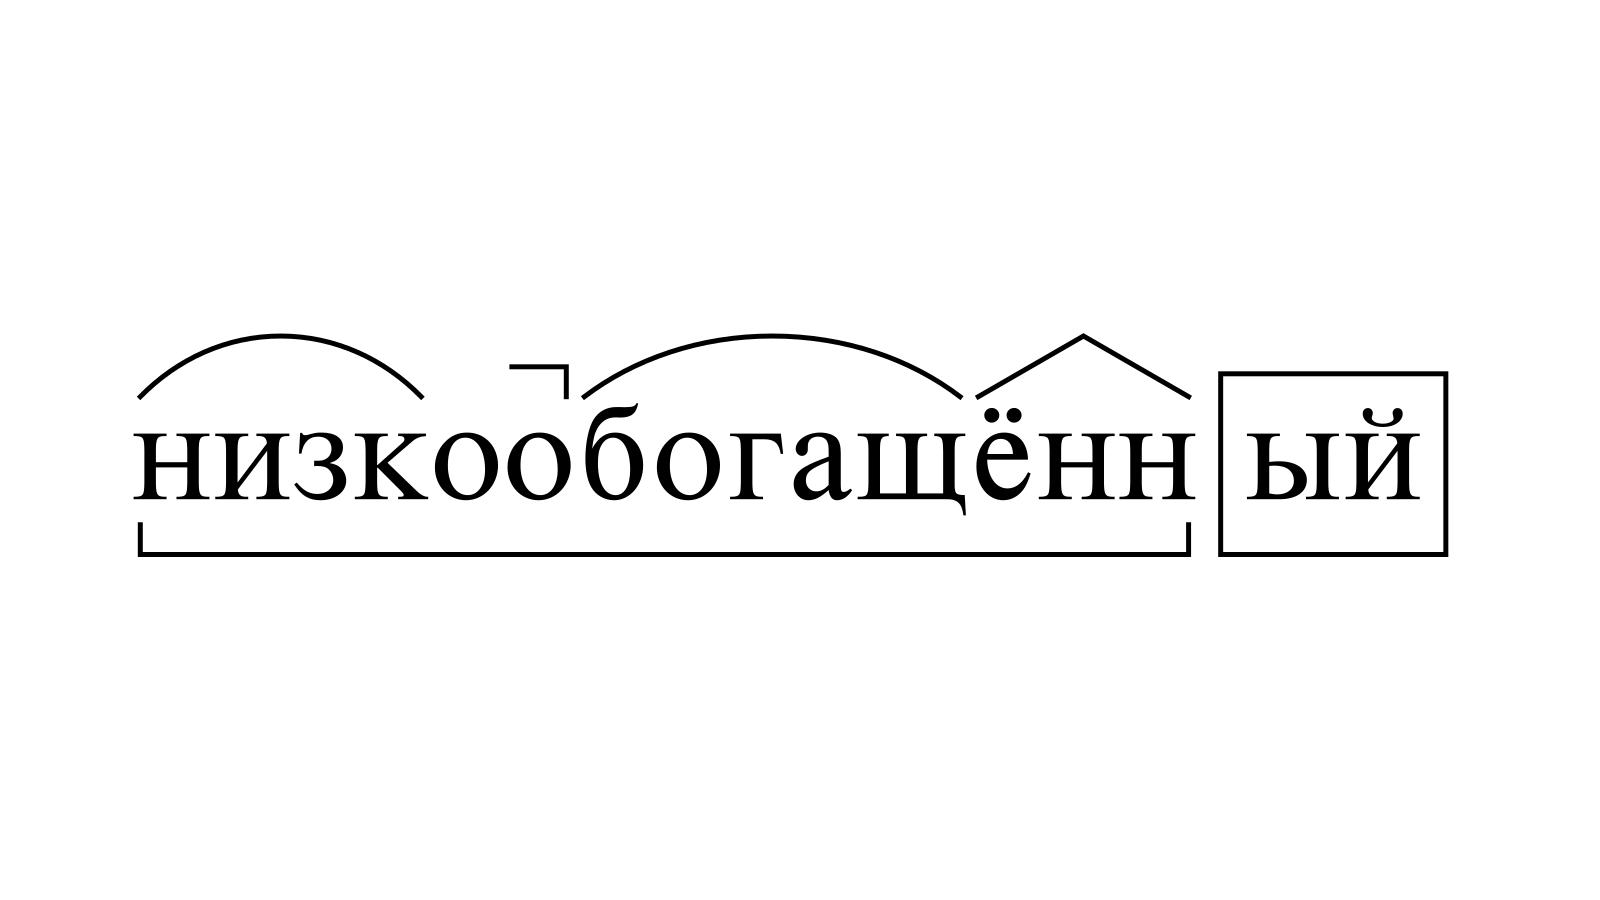 Разбор слова «низкообогащённый» по составу